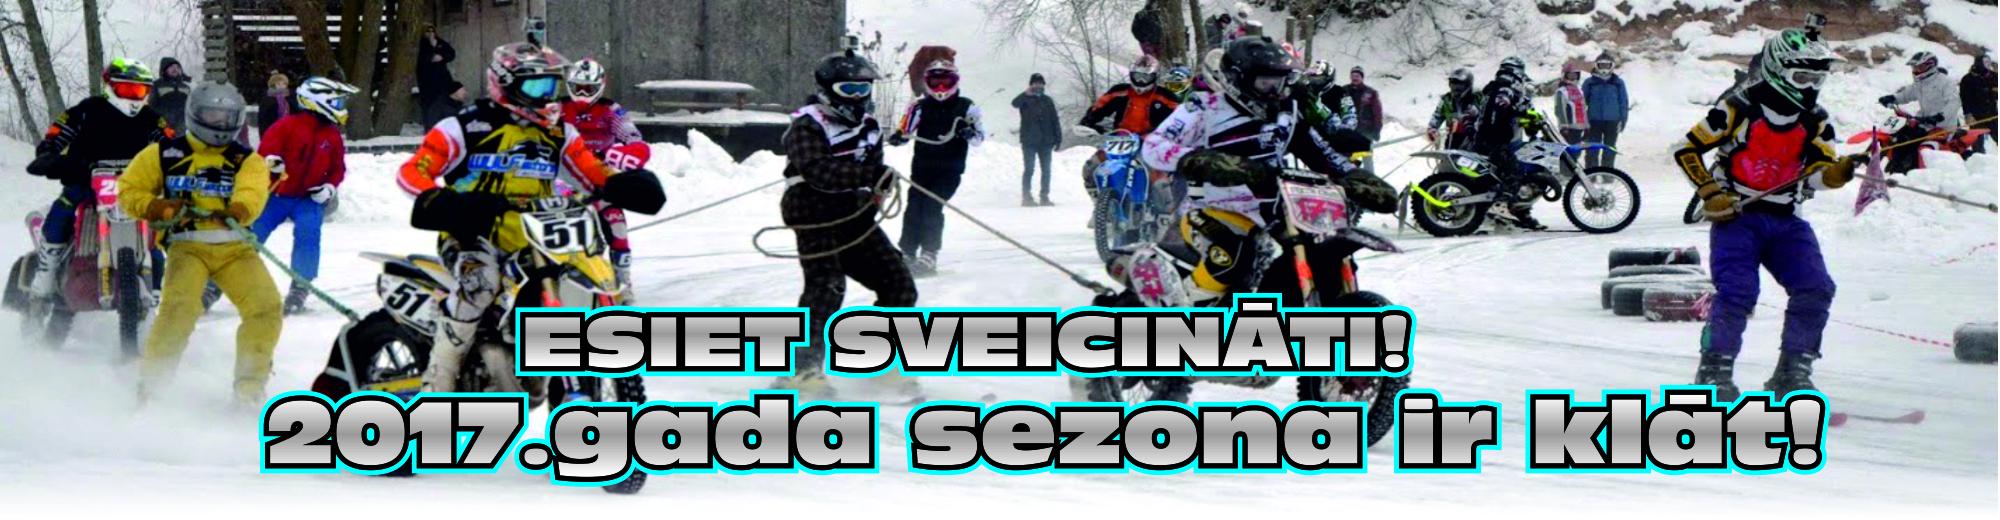 Latvijas Skijoringa federācija - Just another WordPress site